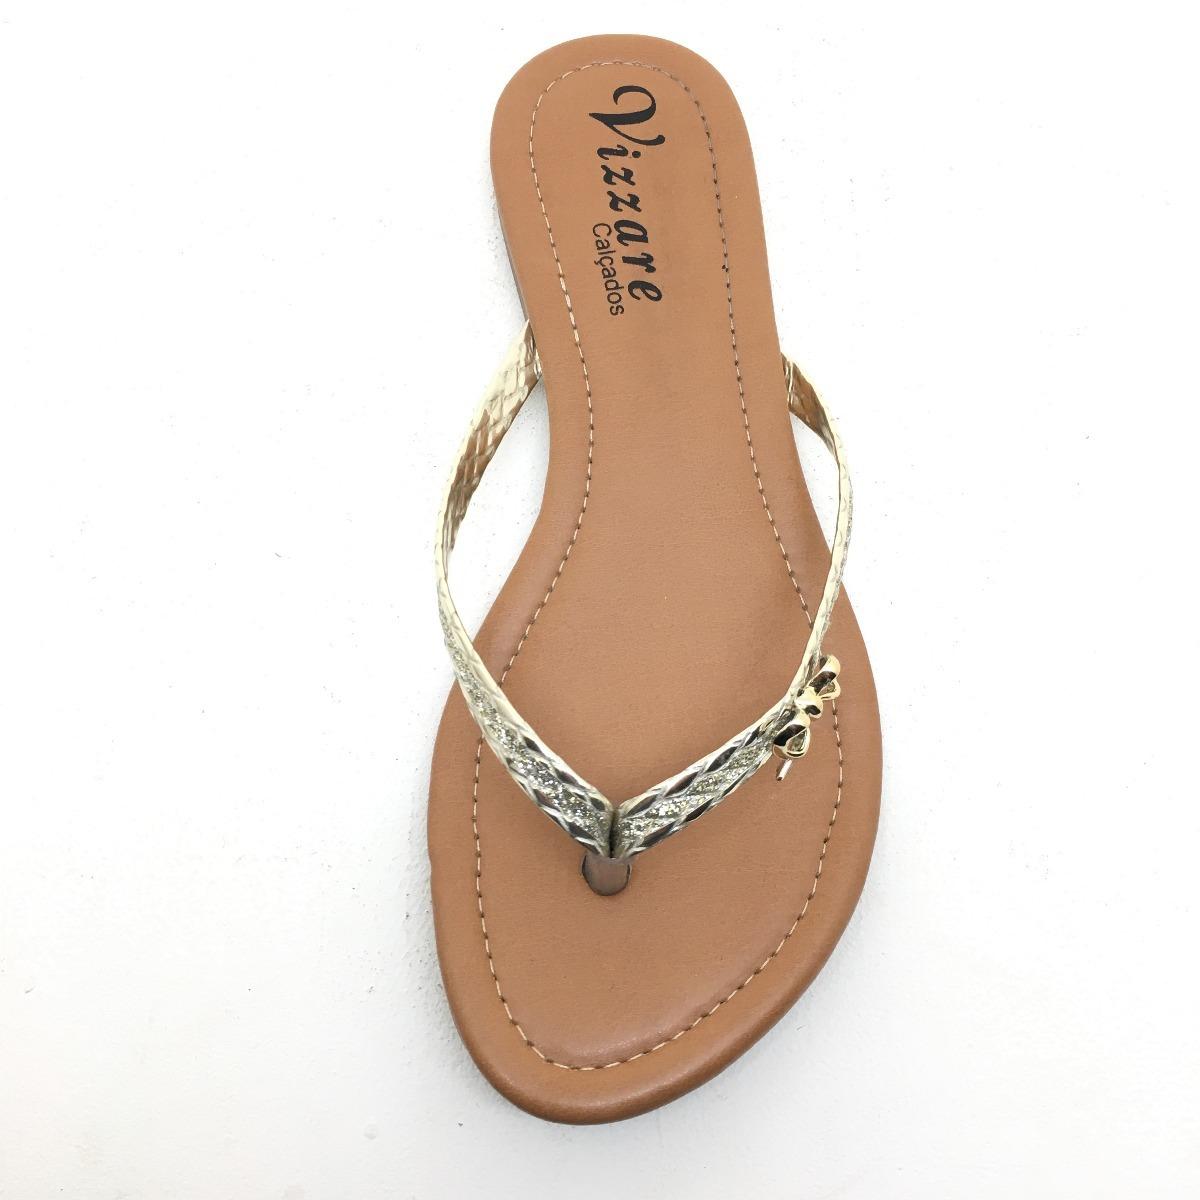 63b86d3621 rasteirinha feminina delicada tipo chinelo sandália linda. Carregando zoom.